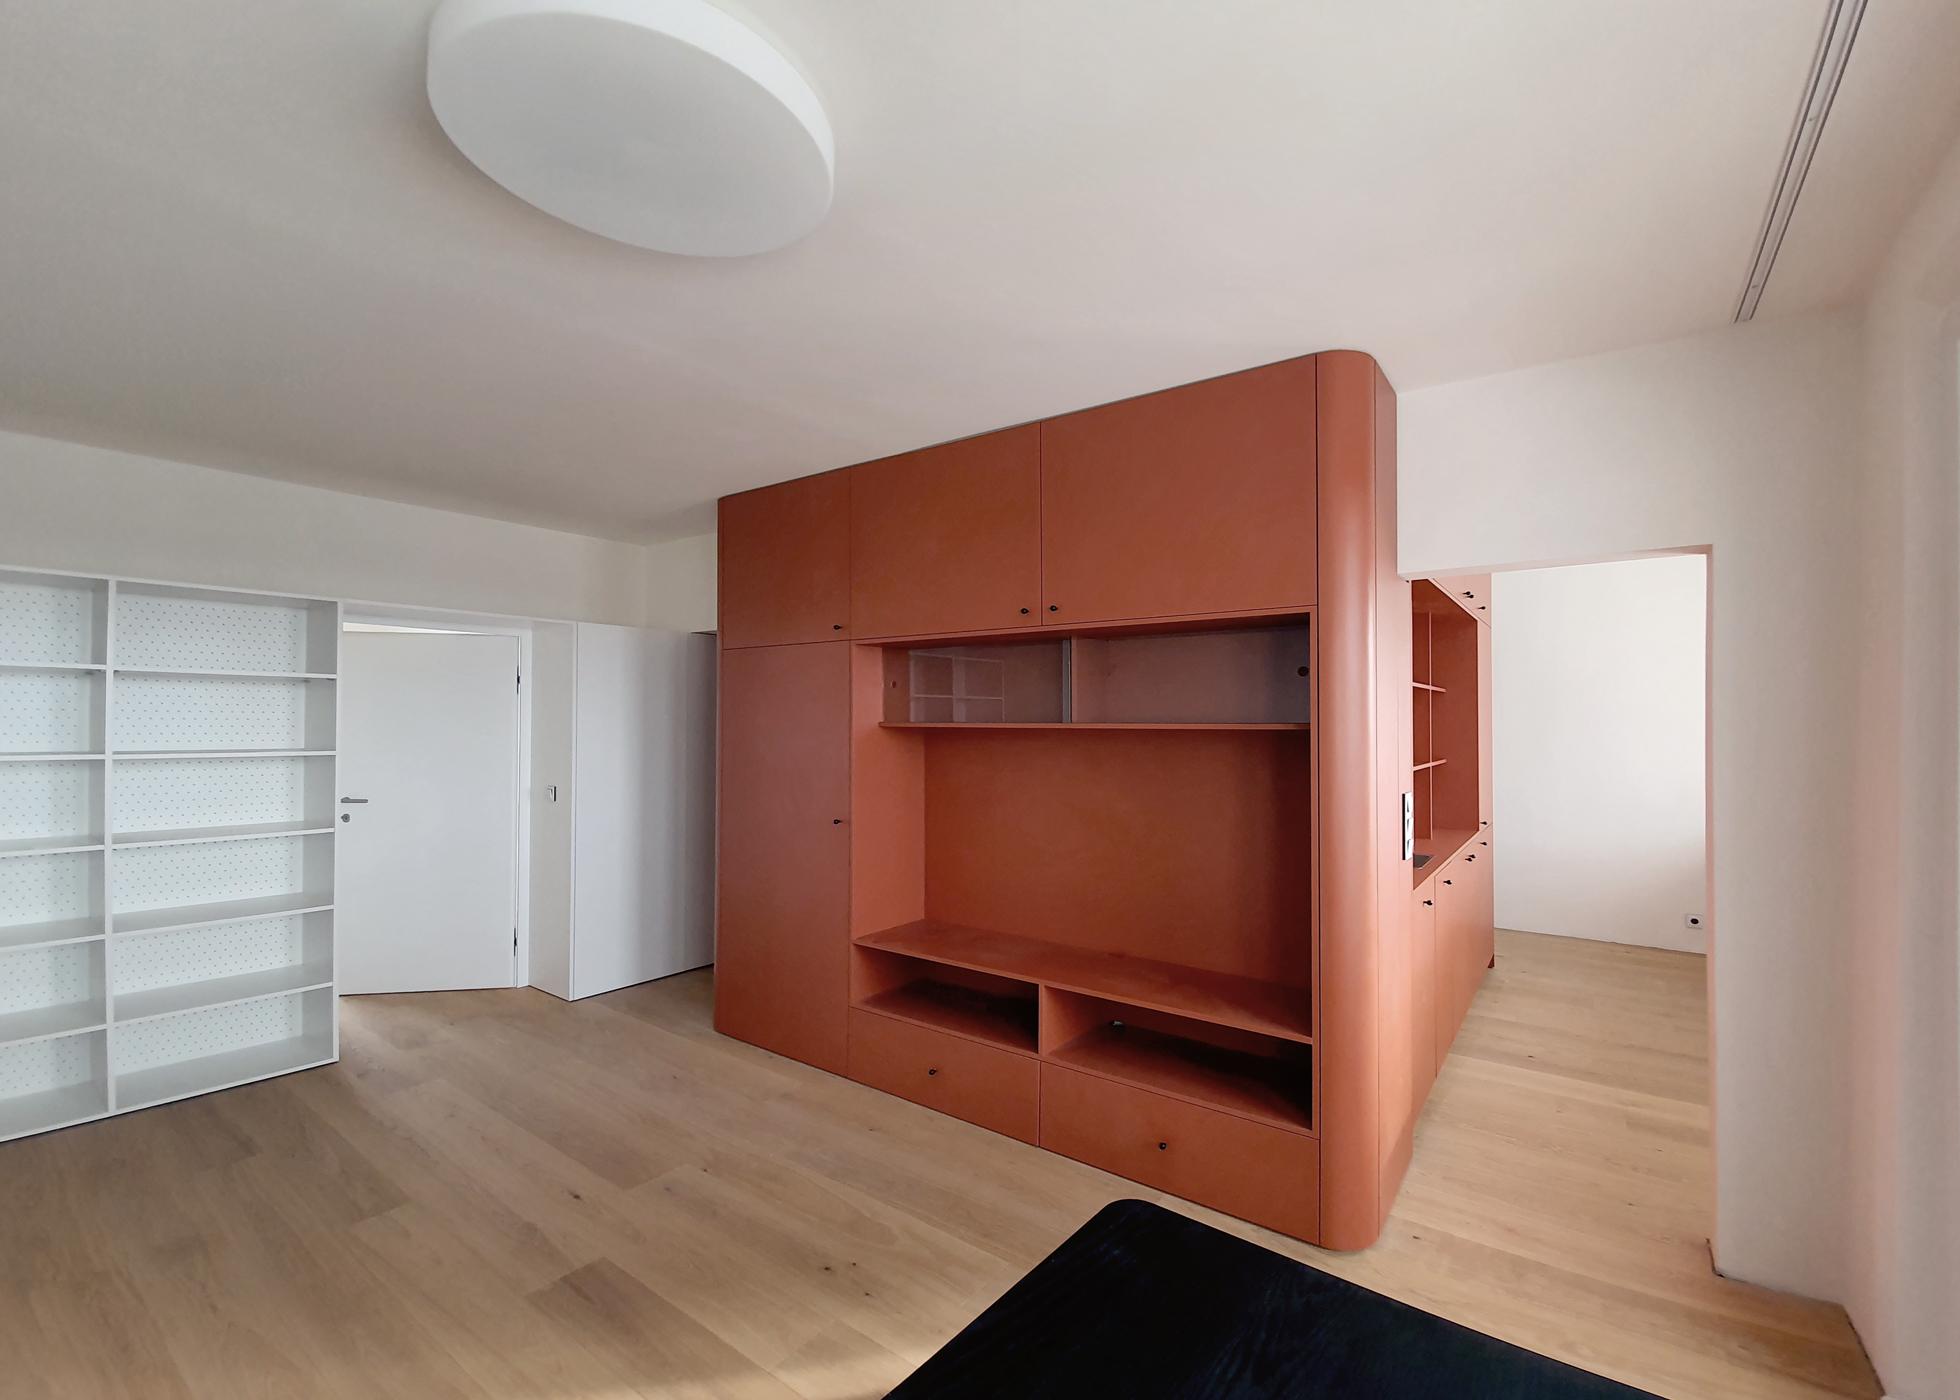 noiz-architekti-interier-byt-lotysska-real-04